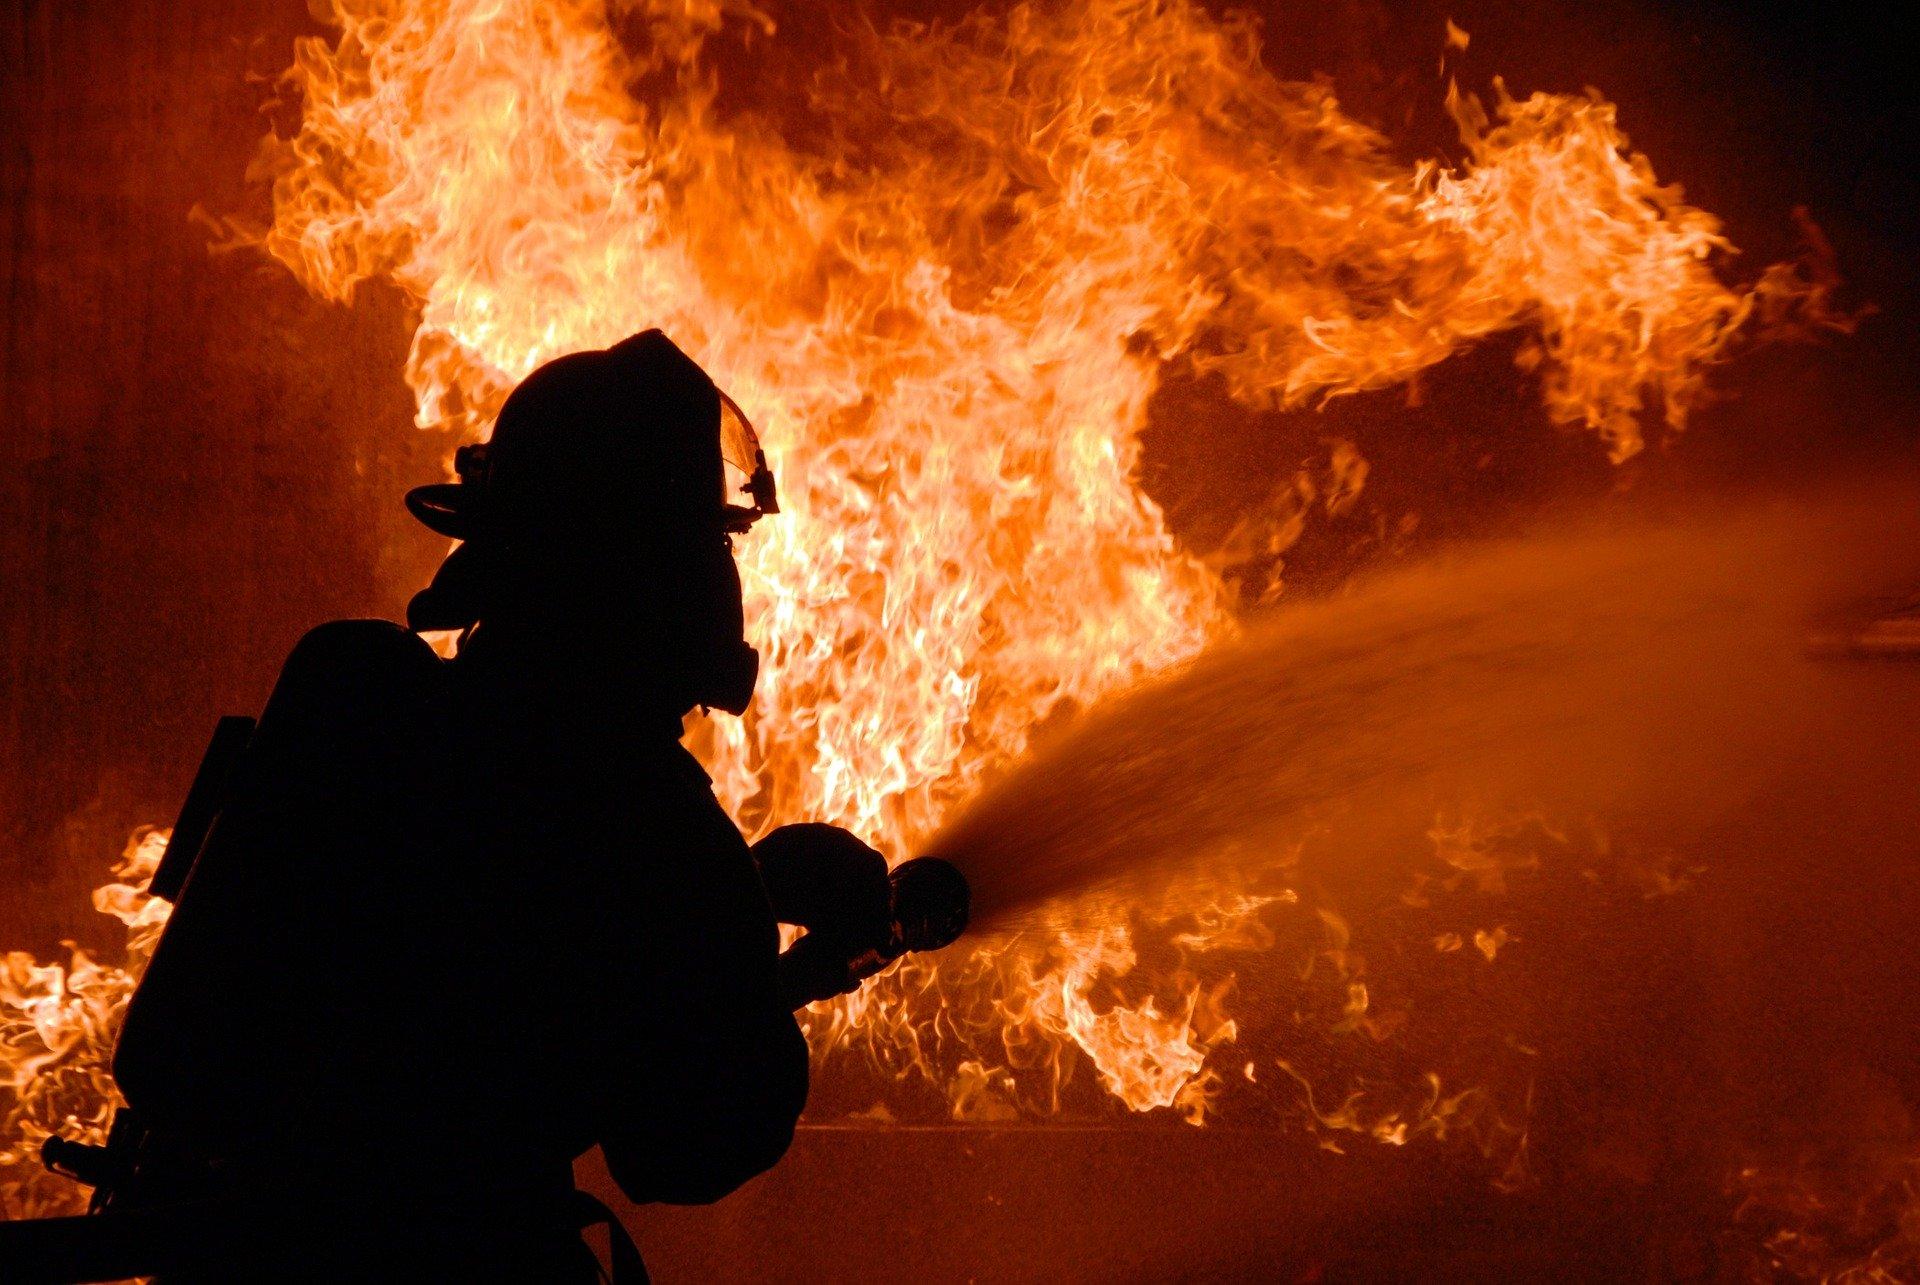 Las Vegas Burn Injury Lawyer